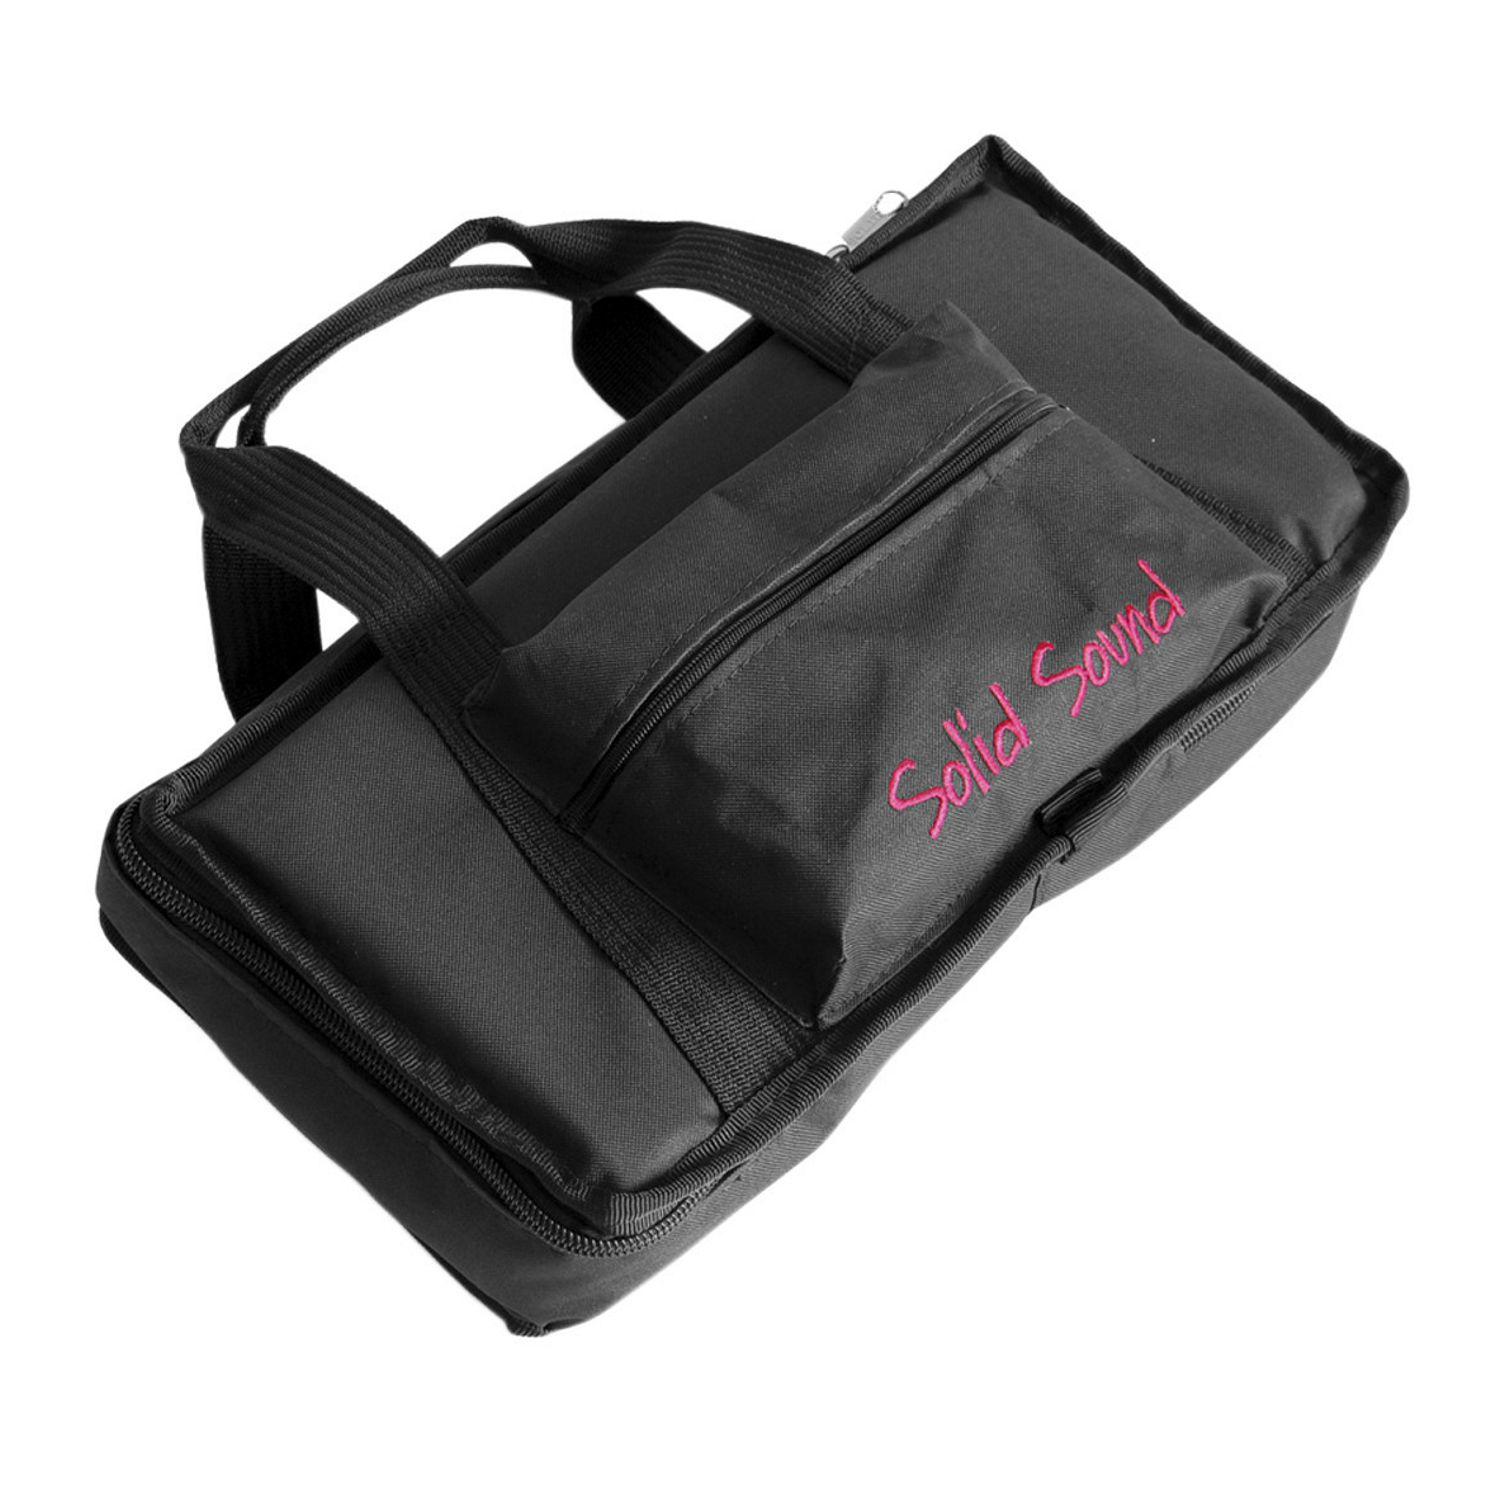 Capa Solid Sound Luxo Pequena para Pedaleira, Retangular,  Ziper Lateral, Bolso Frontal e ALÇA para Mão